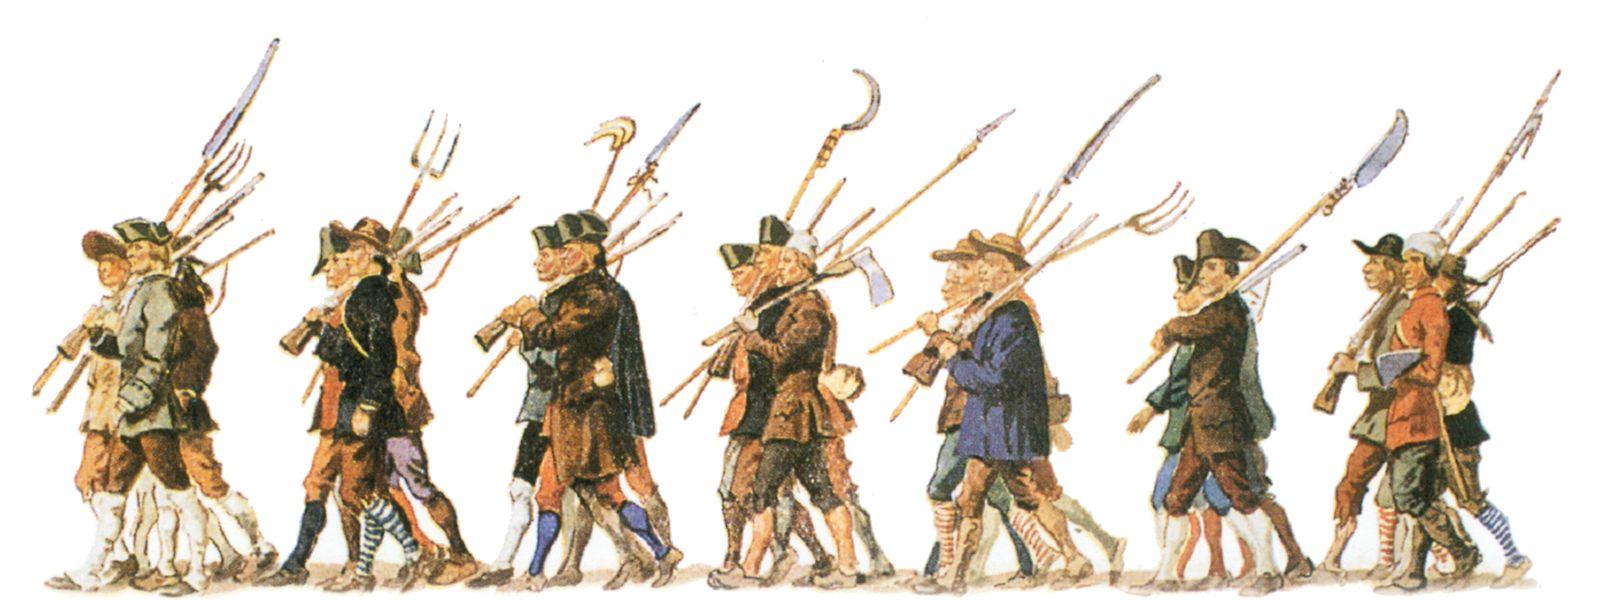 Bei der Unabhängigkeitsfeier 1939 wurde an die Klöppelmänner erinnert. Im Rahmen der Feierlichkeiten wurde ein historischer Umzug organisiert. Die Abbildung stammt aus der damaligen Erinnerungsbroschüre.